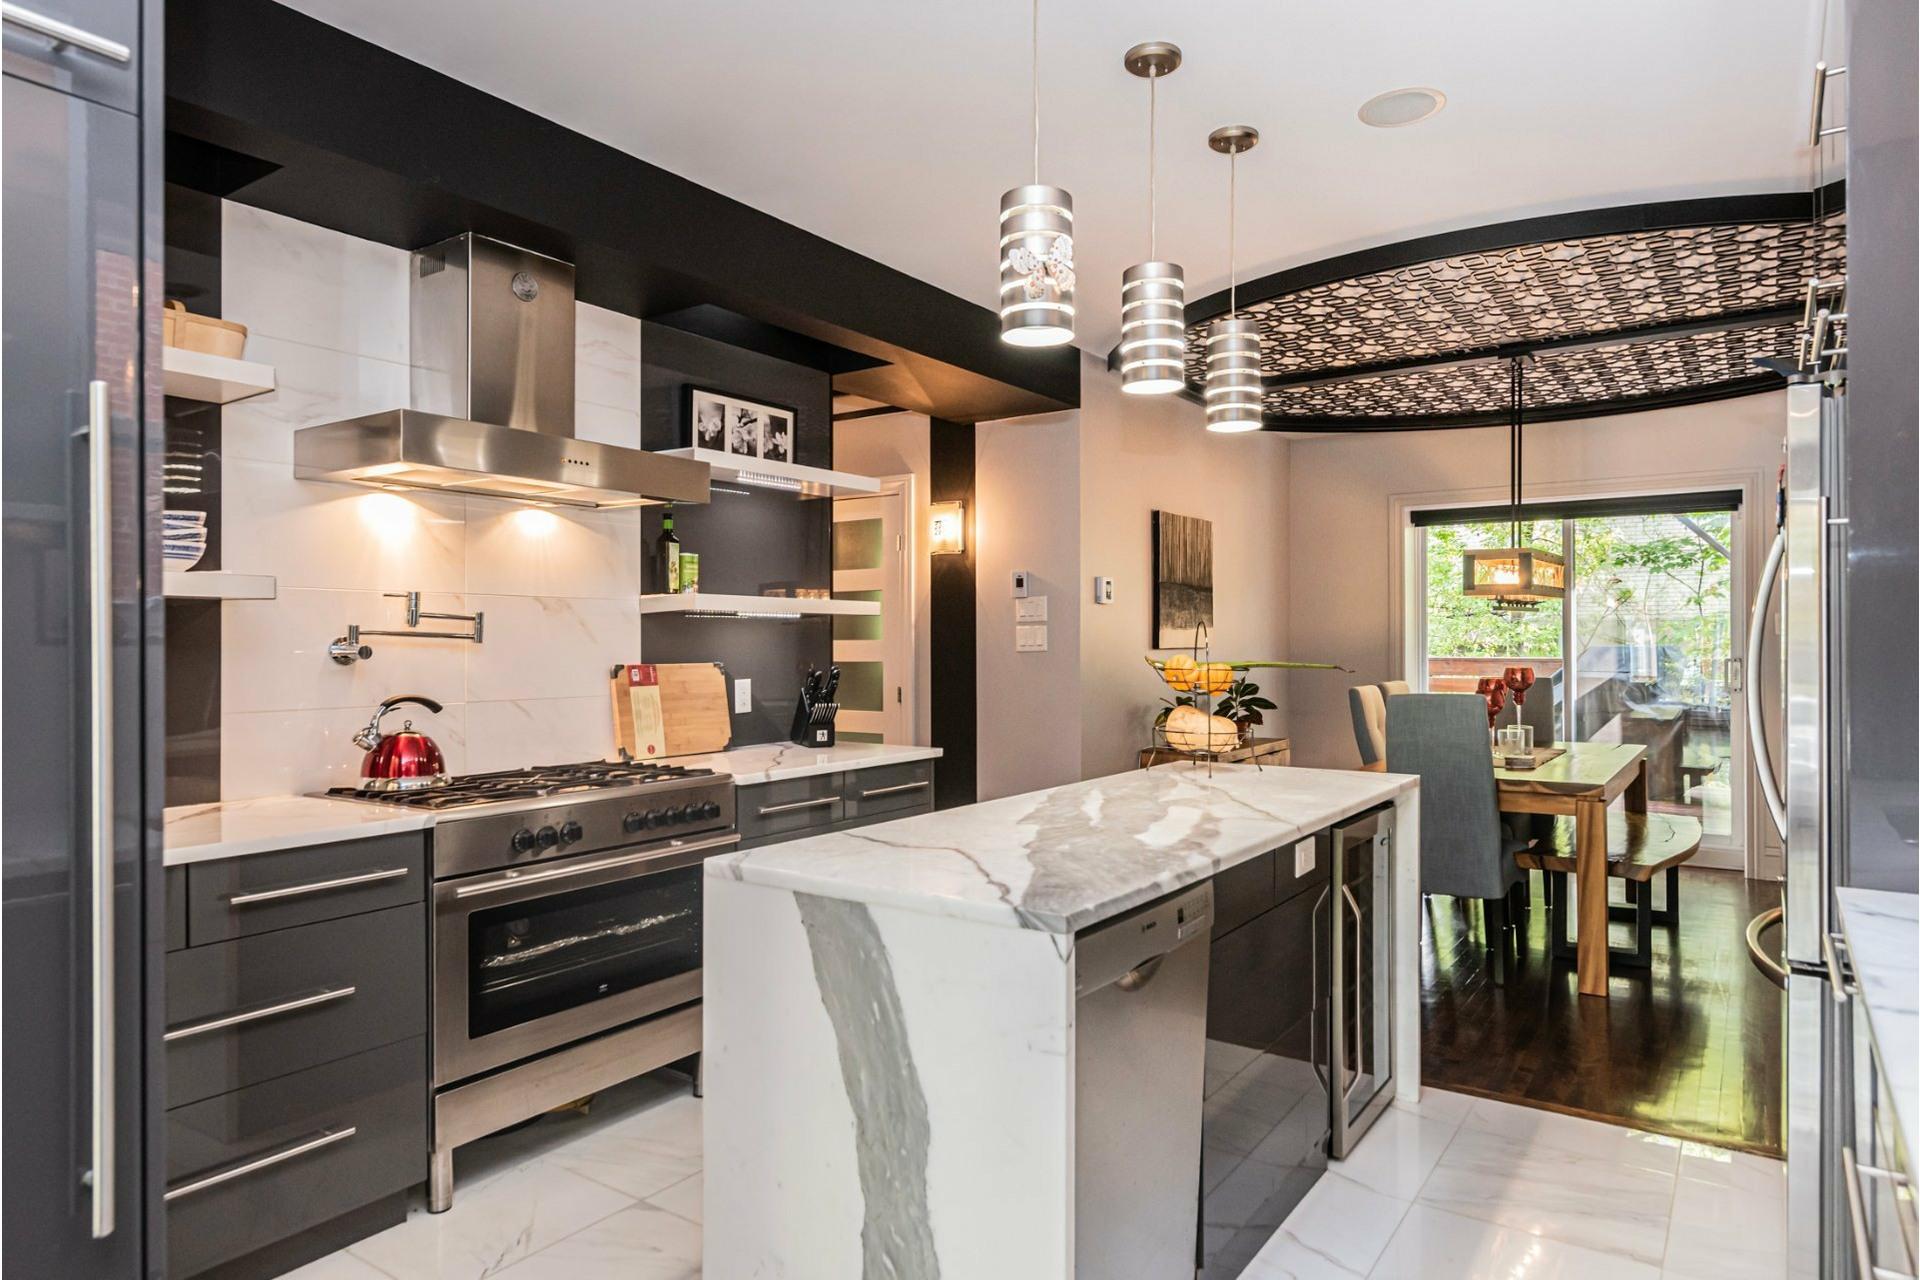 image 7 - Appartement À vendre Côte-des-Neiges/Notre-Dame-de-Grâce Montréal  - 10 pièces